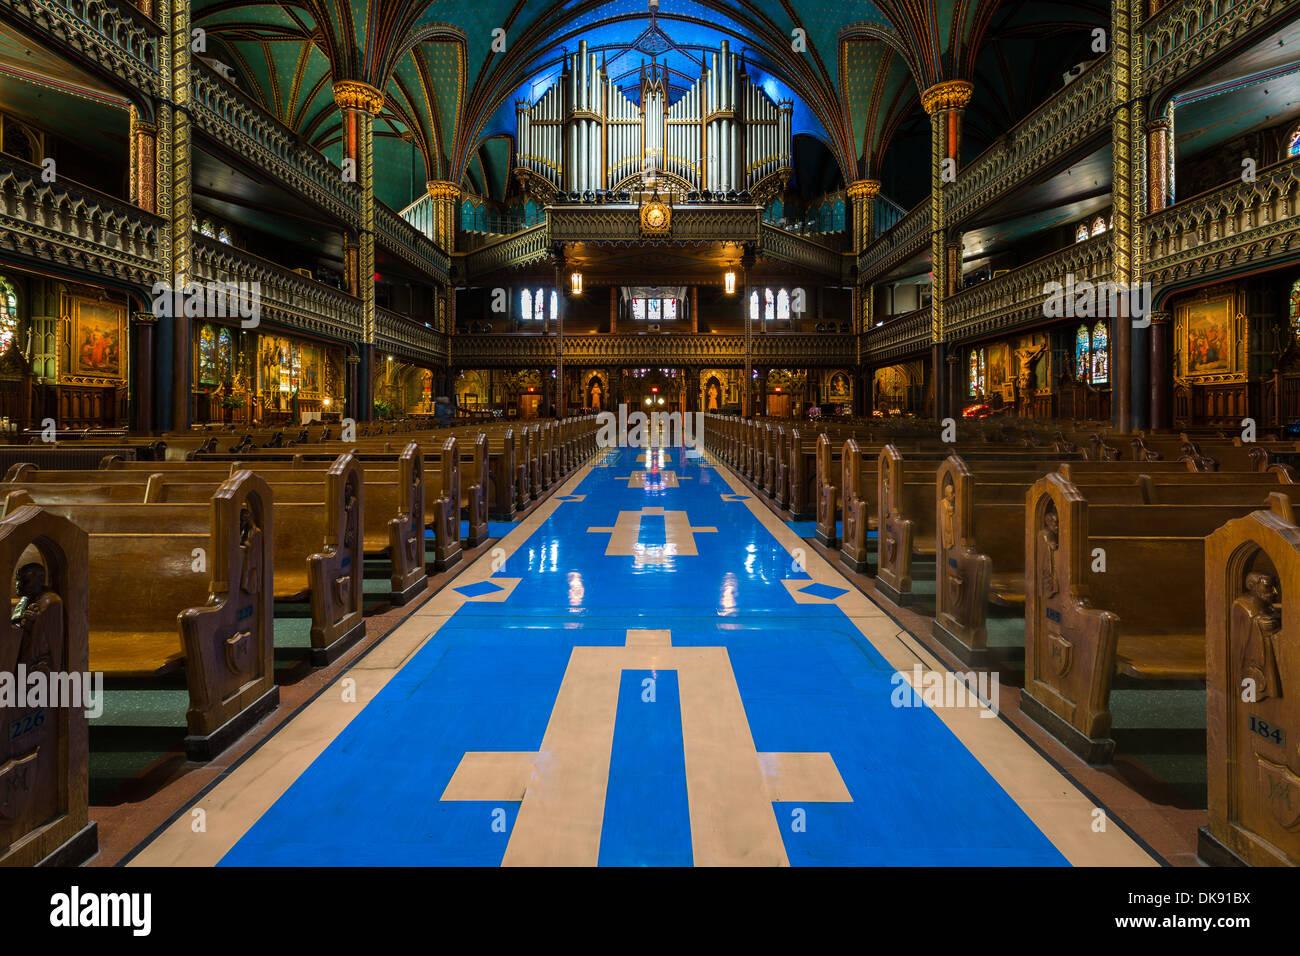 Interior de la catedral de Notre-Dame y su órgano en Montreal, Canadá. Imagen De Stock